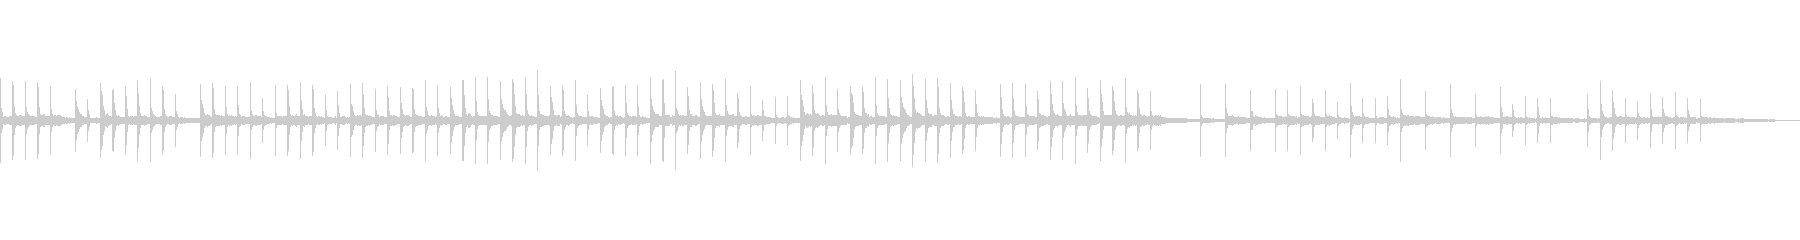 シンセループ、眠り、優しくて切ない曲の未再生の波形